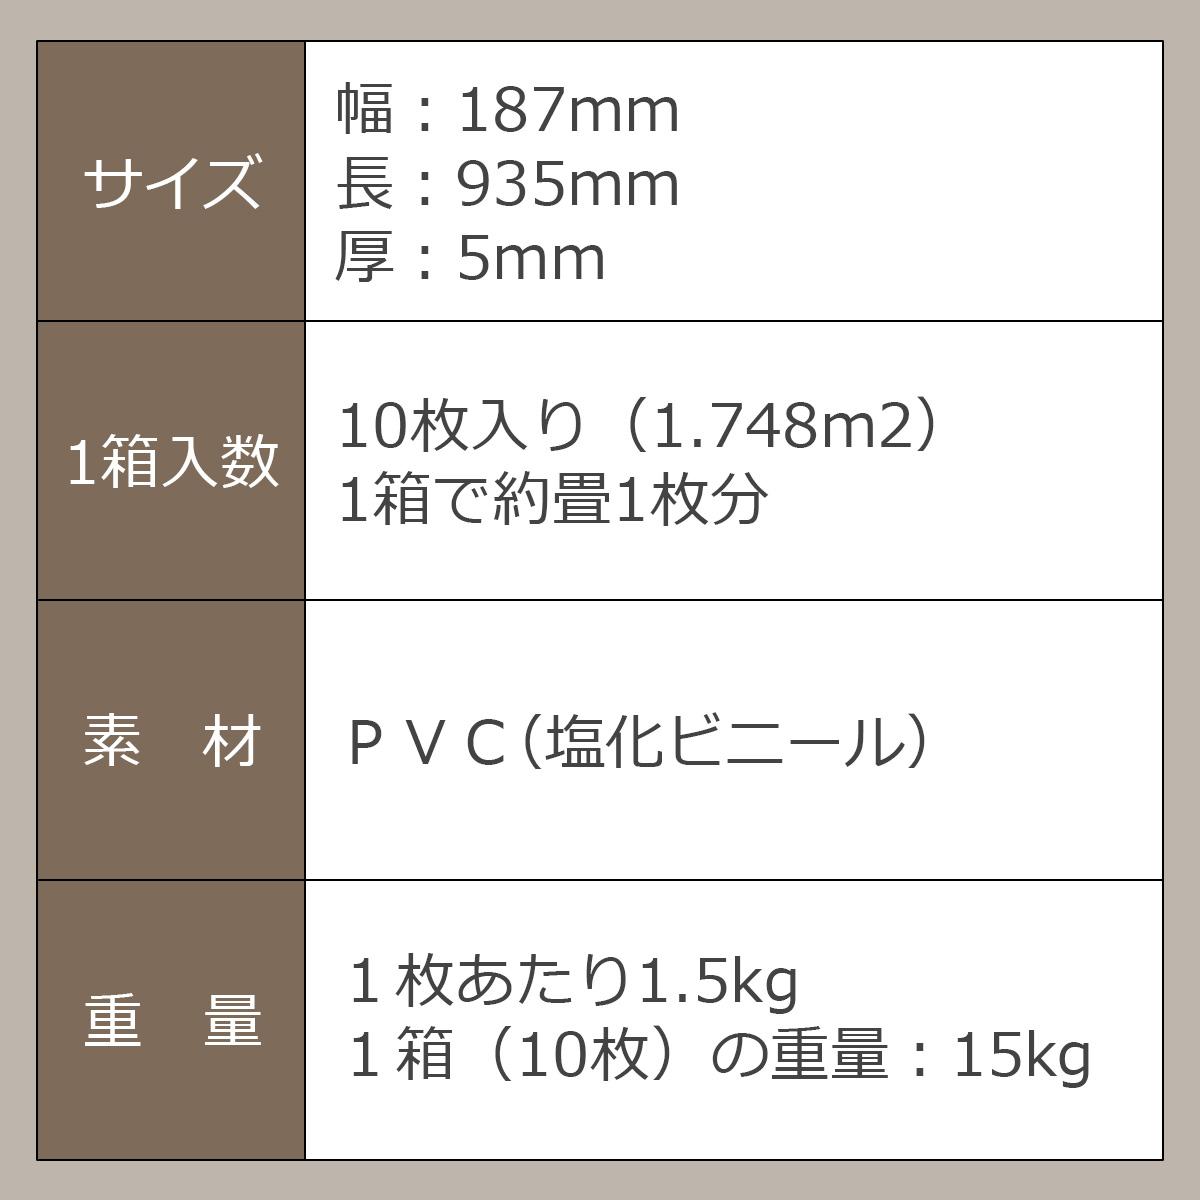 サイズ…幅187ミリ 長さ935ミリ 厚さ5ミリ 1箱入り数…10枚入り(1.748平方メートル)1箱で約畳1枚分 素材…PVC(塩化ビニール) 重量…1枚あたり1.5kg 1箱(10枚)の重量15kg